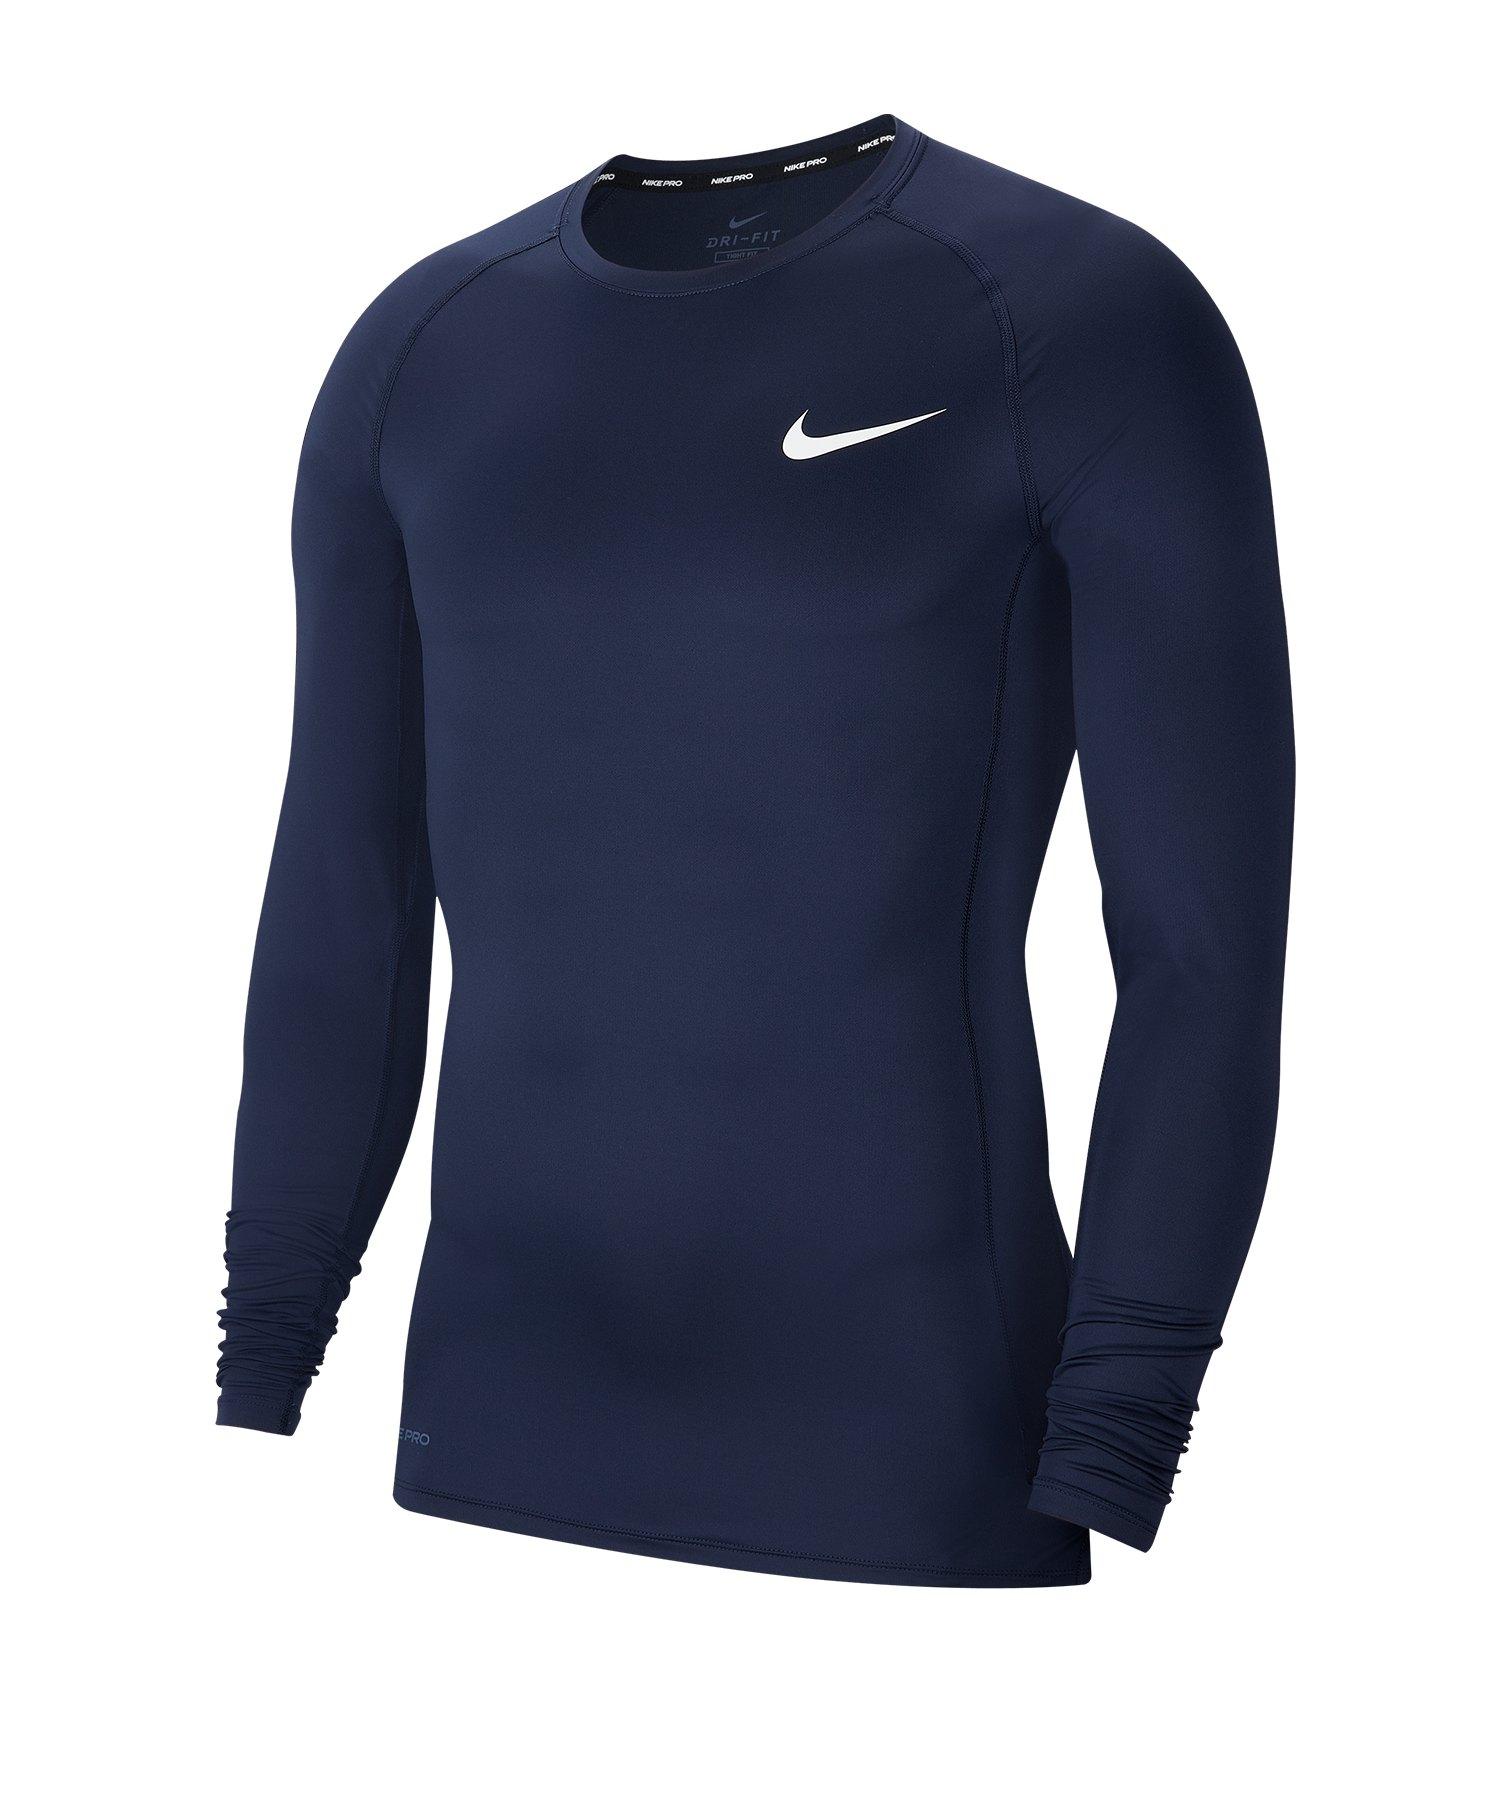 Nike Pro Langarmshirt Blau F452 - blau